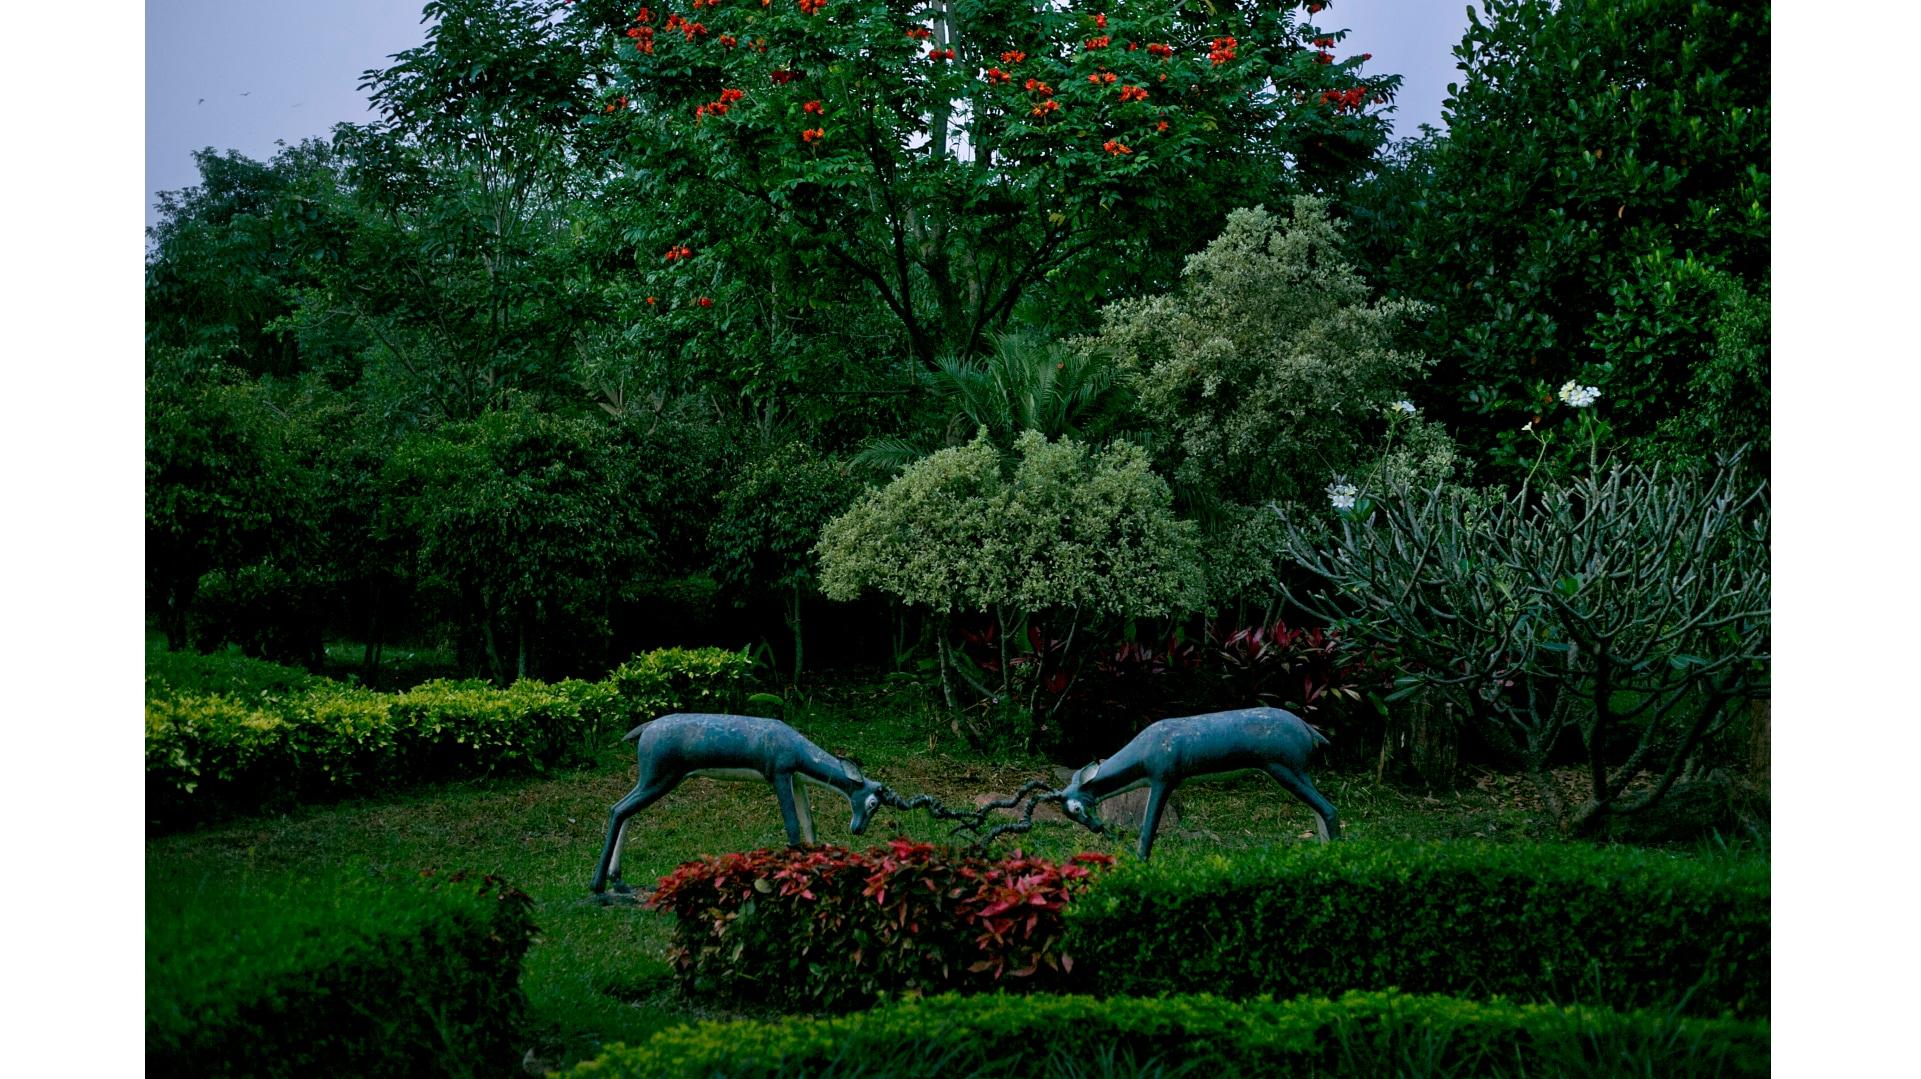 bengaluru-trees-3